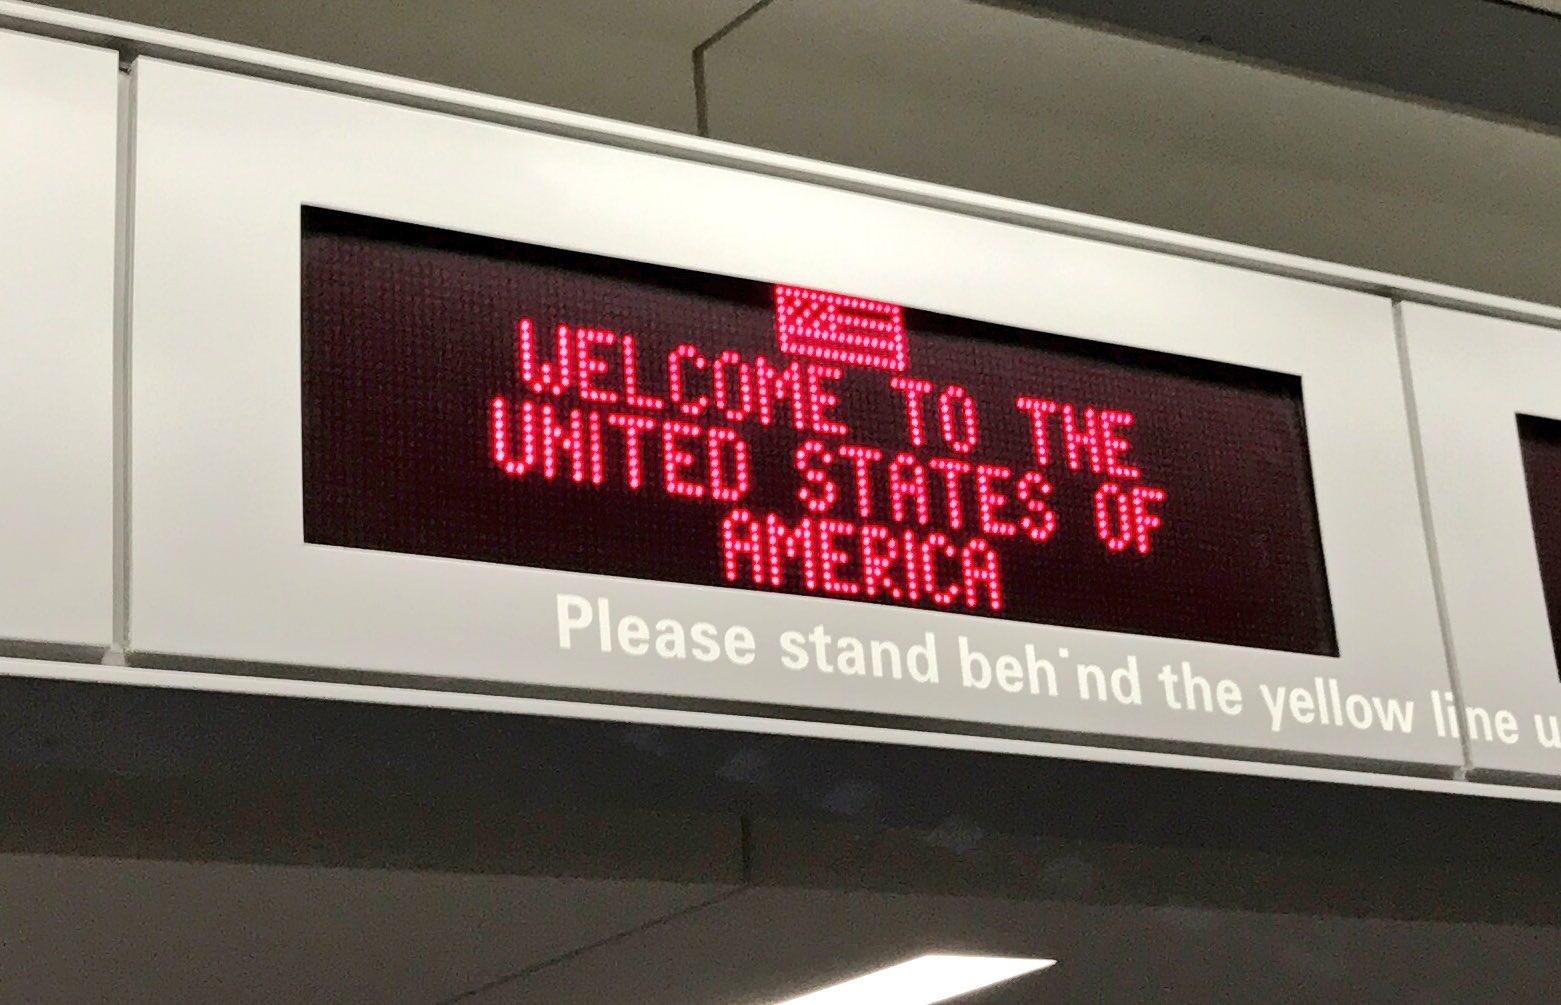 Willkommen in den USA.